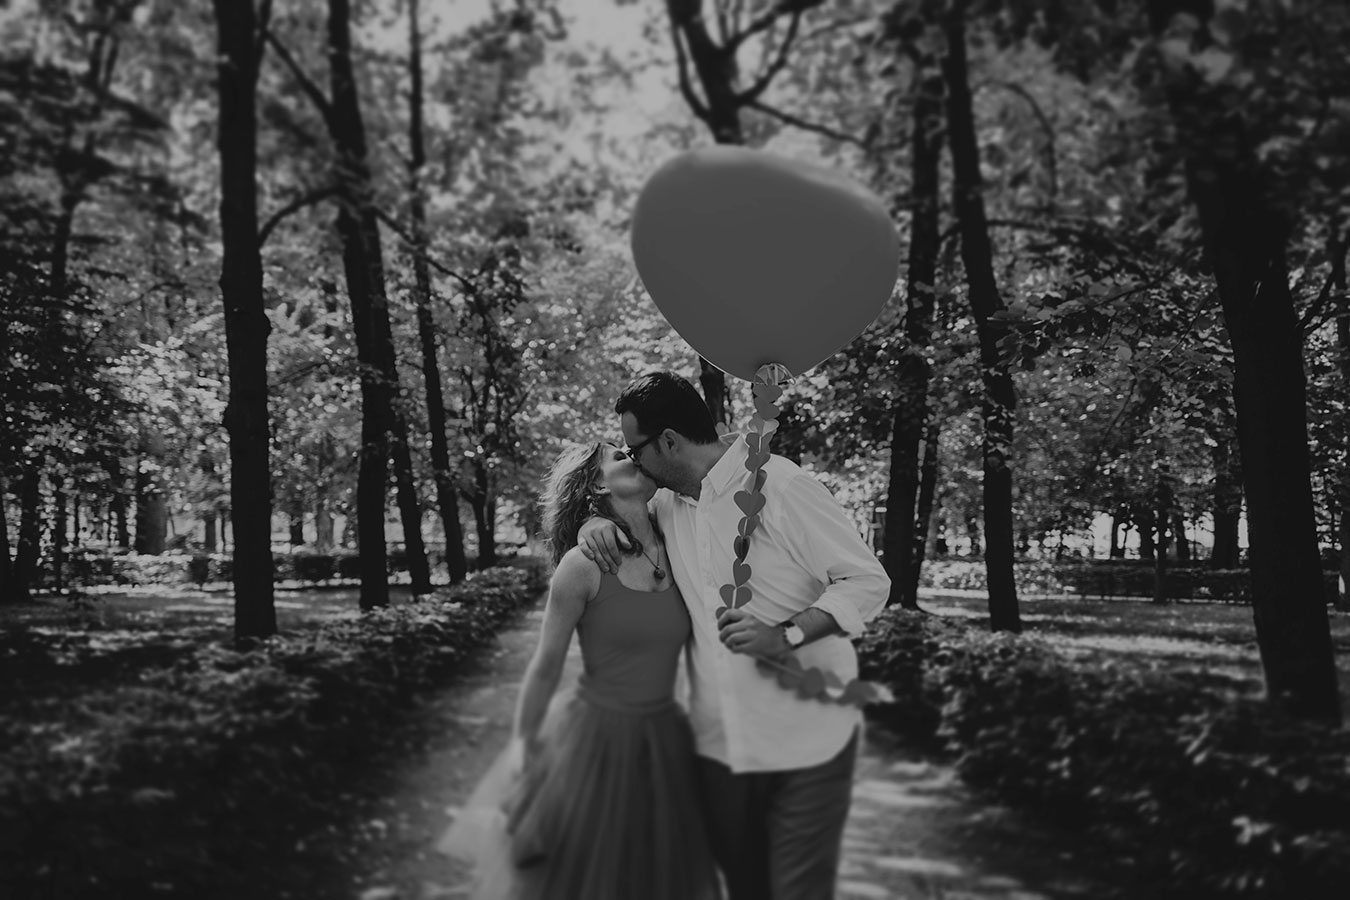 fotografia ślubna, fotografowie ślubni, fotograf ślub warszawa, fotoreportaż ze ślubu, zdjęcia ślubne, fotograf na ślub